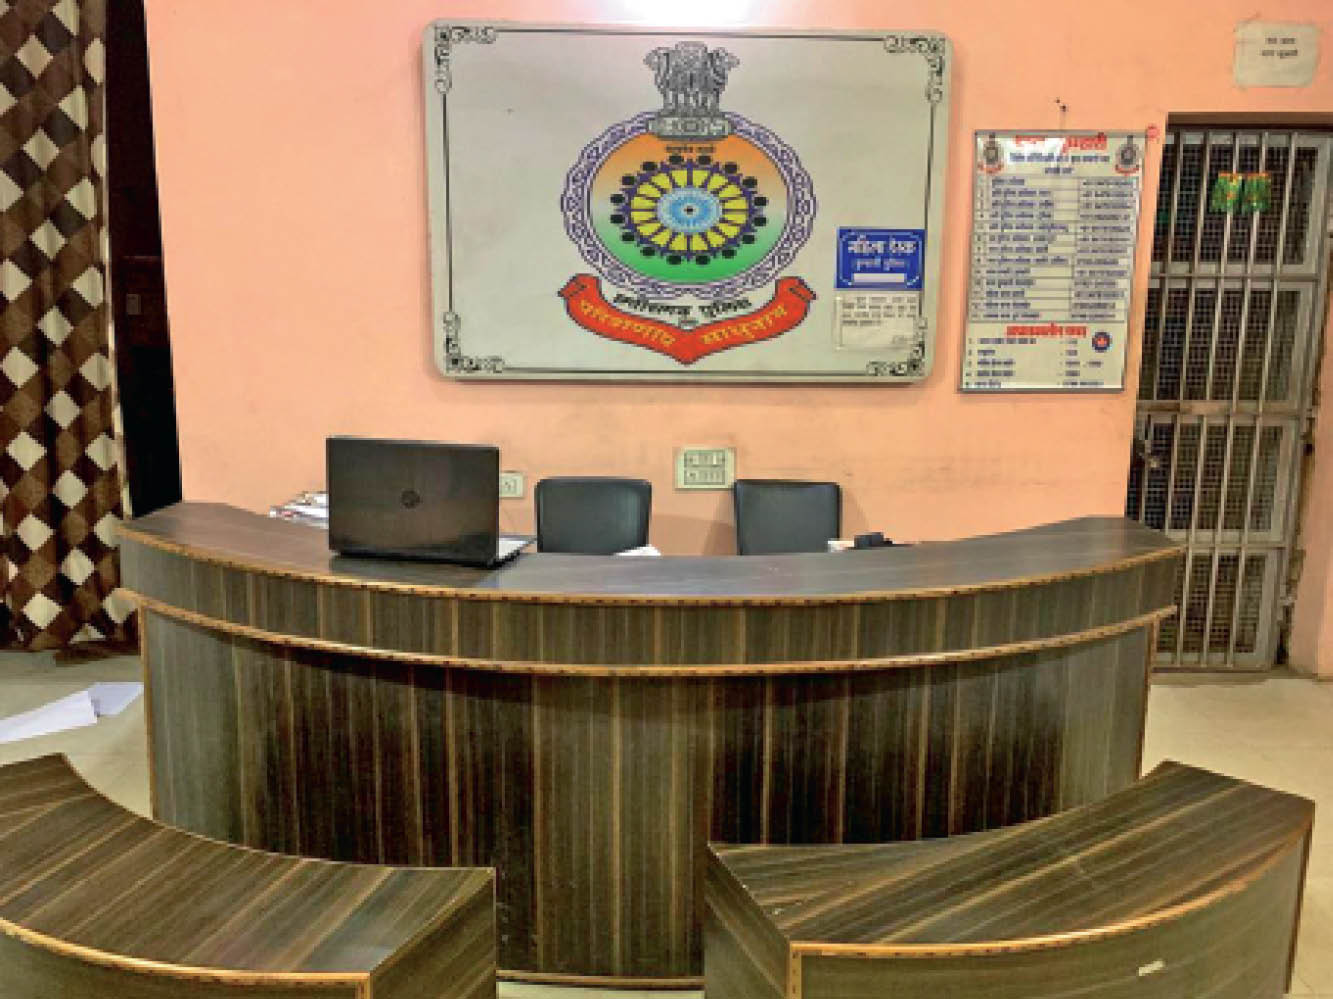 जिले के थानों में महिला हेल्प डेस्क बनाया गया है, जो केवल दिखावा साबित हो रहा। - Dainik Bhaskar